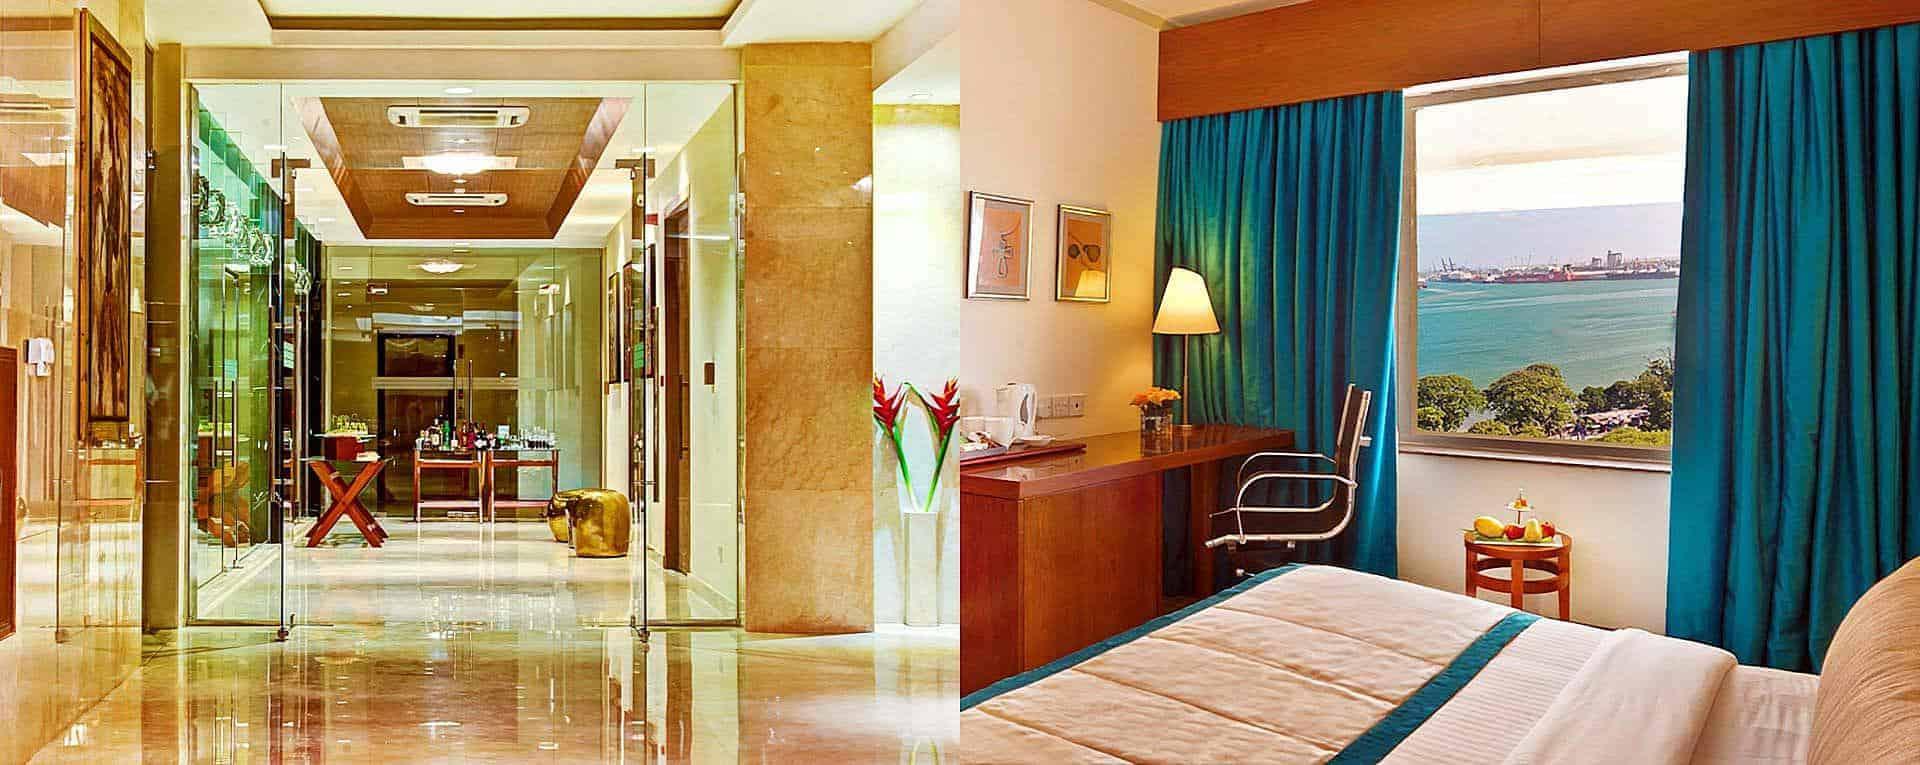 newafricahotel4